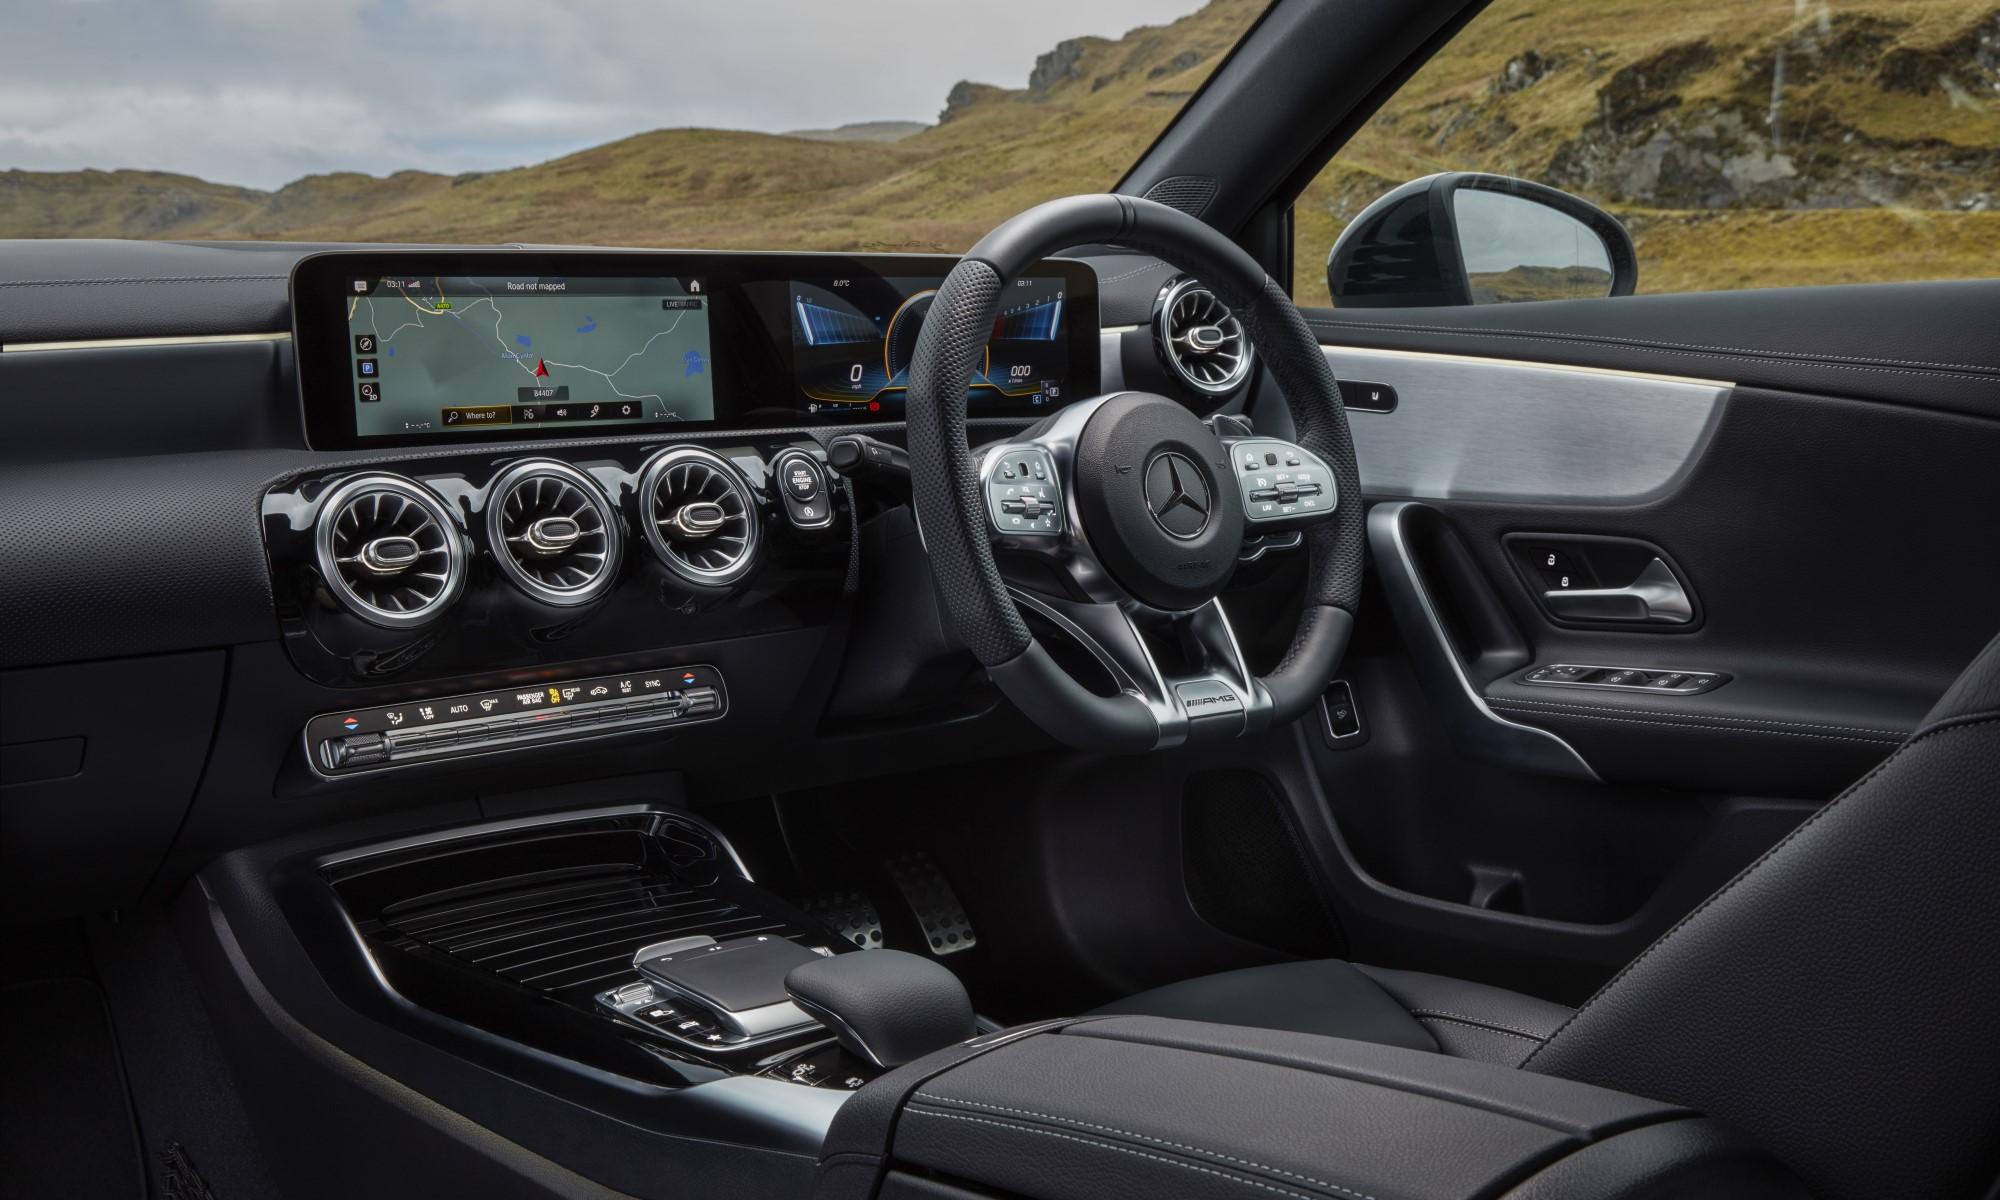 Mercedes-AMG A35 Sedan cabin